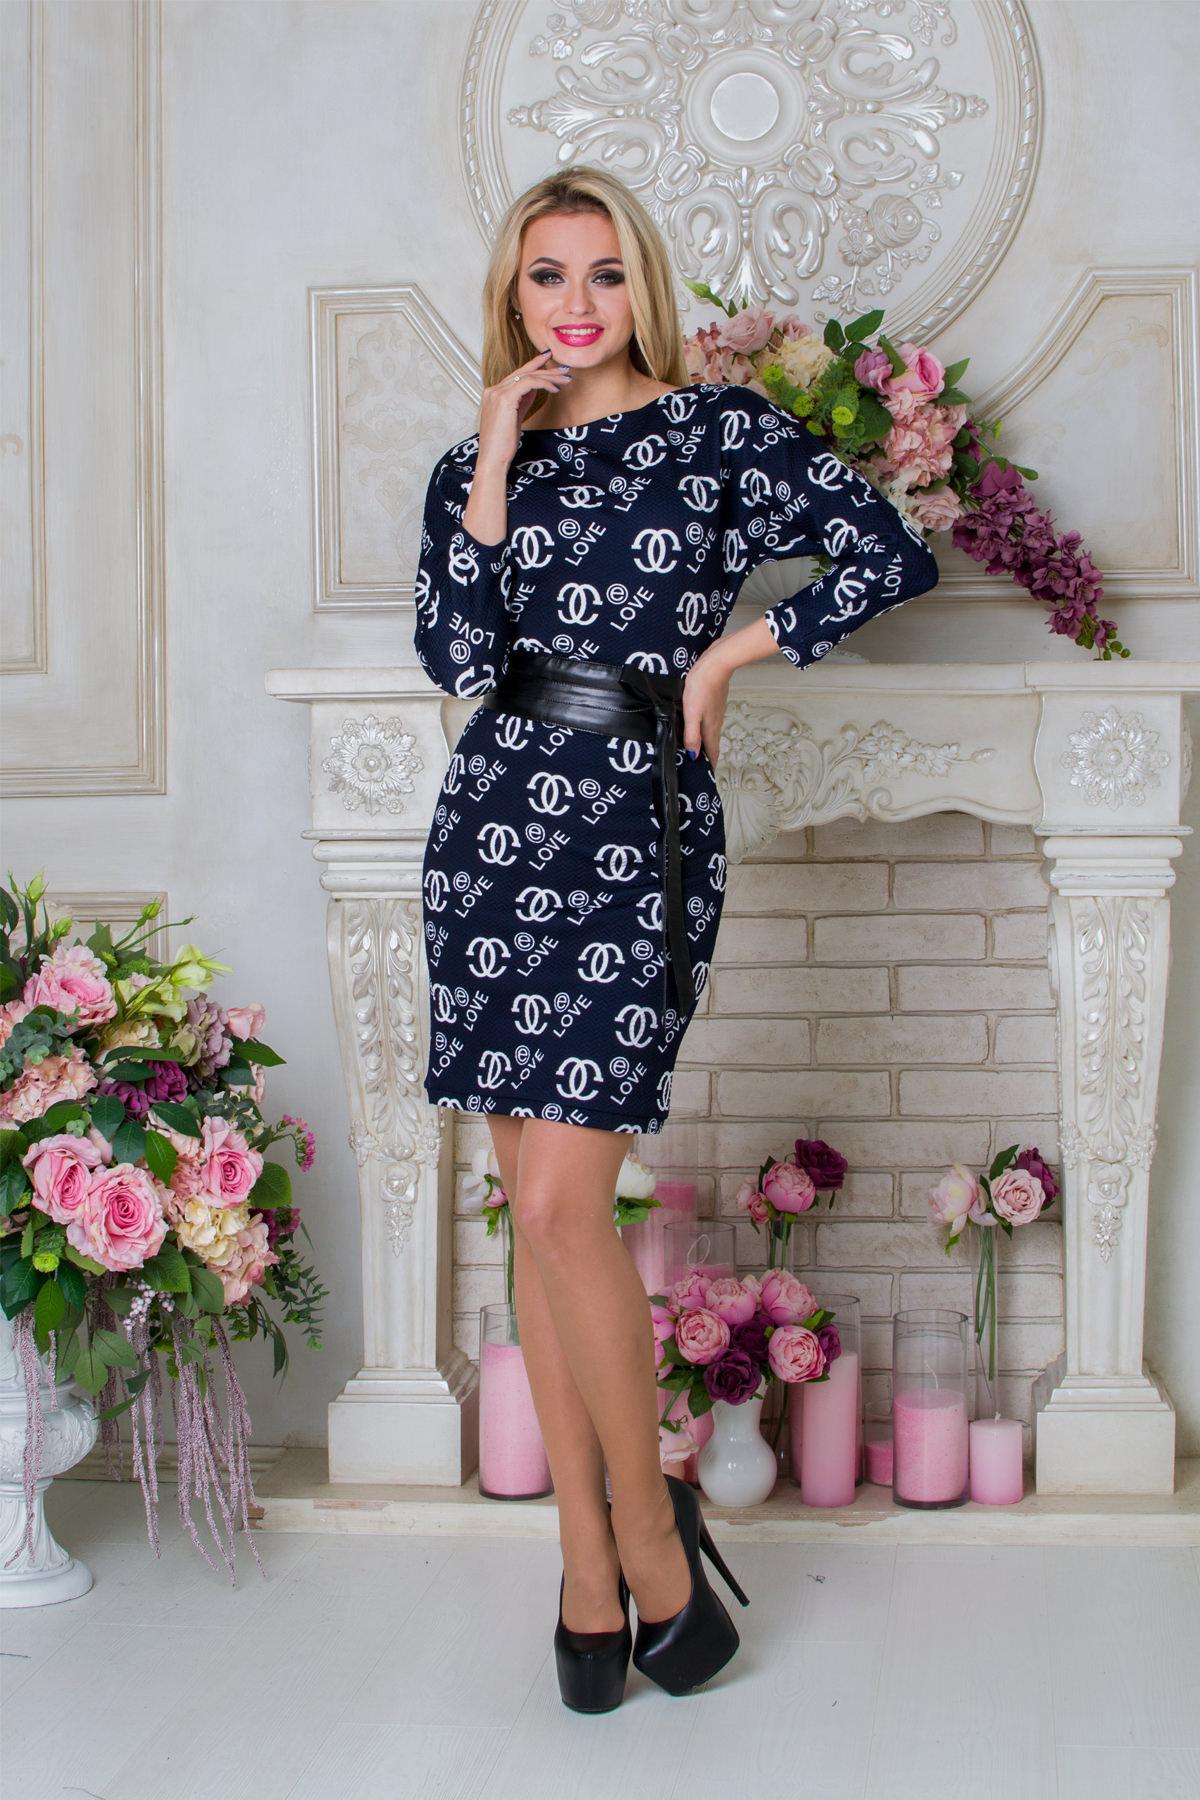 Женская одежда оптом от производителя Платье Бирма лайт 4940